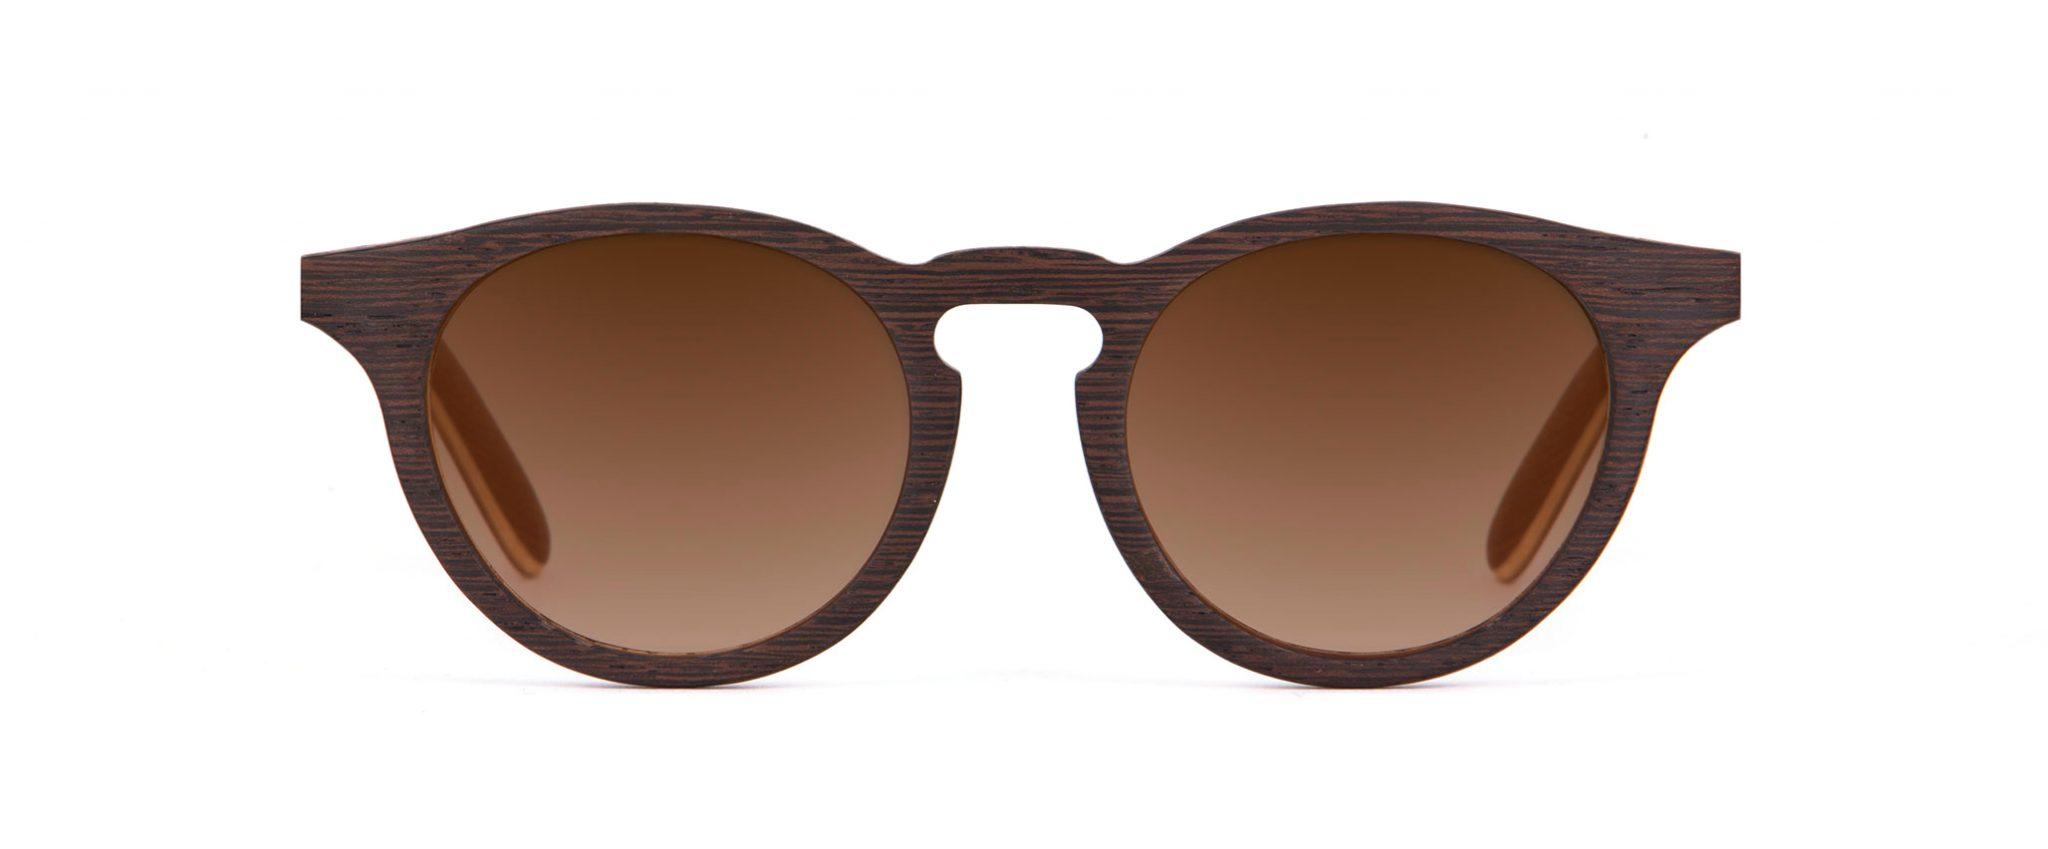 Charlie Iconic Wenge Wood Designer Sunglasses VAKAY